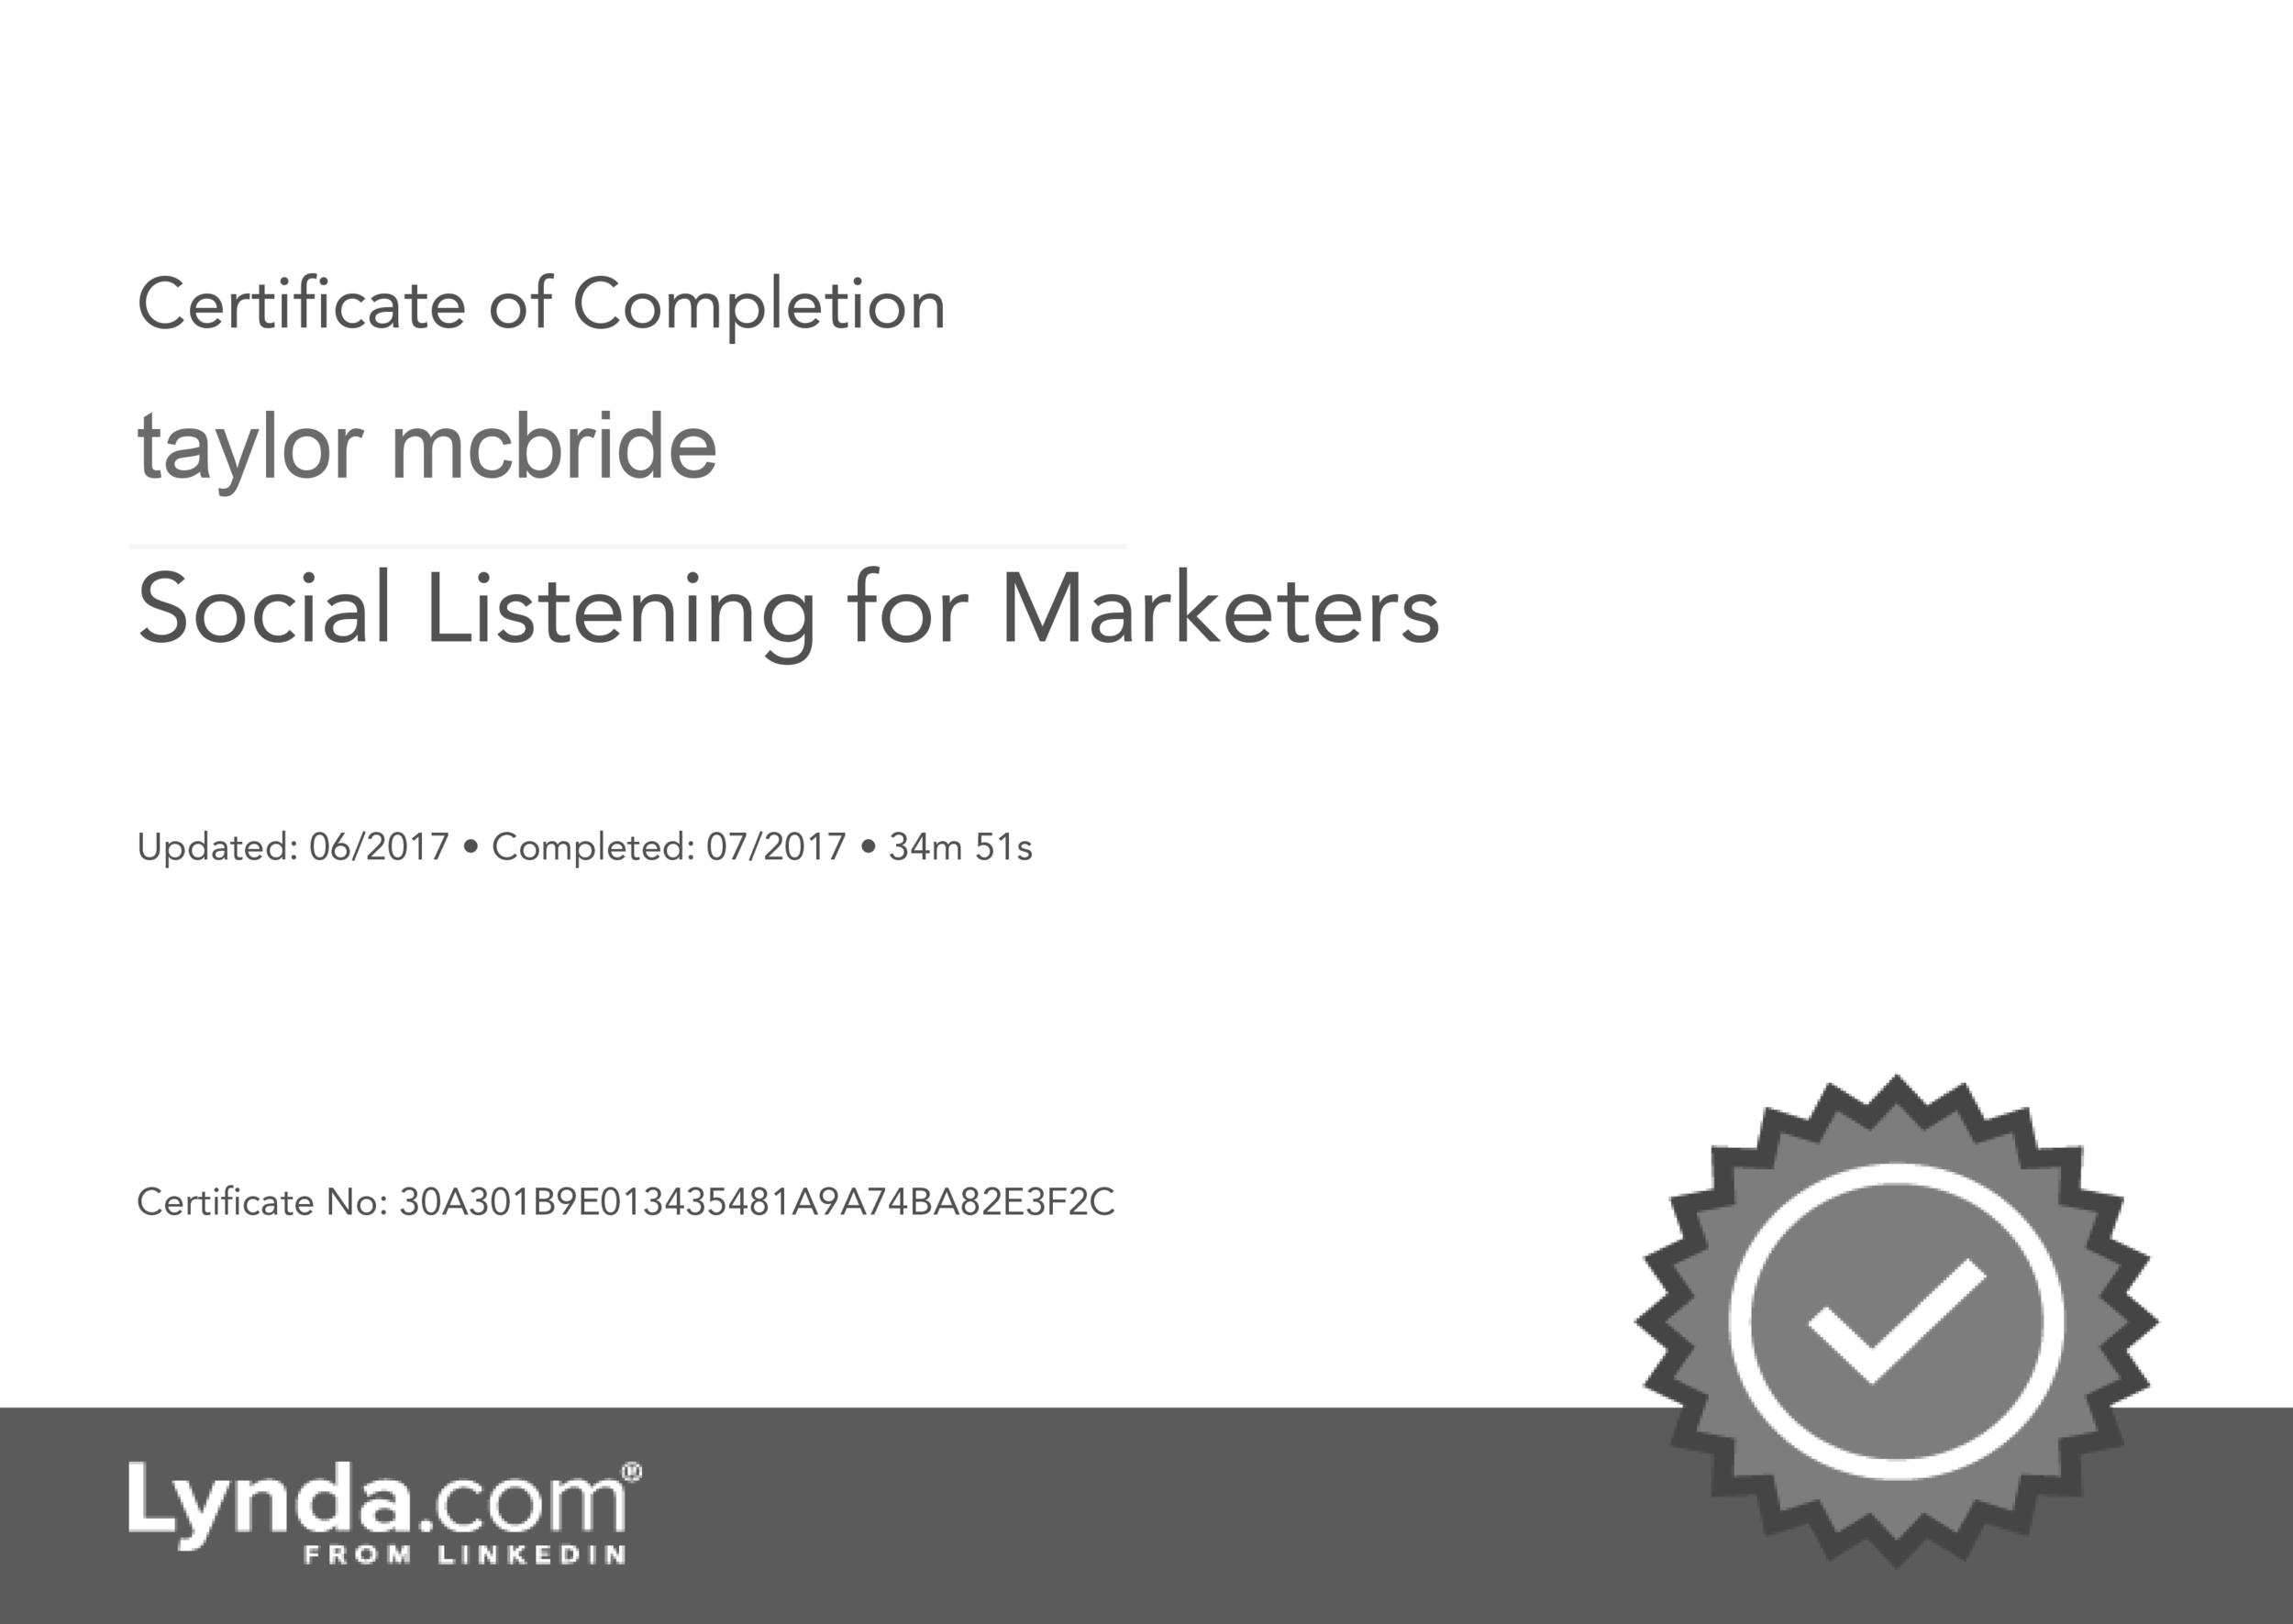 Social-Listening-On-Social-Media-Certificate